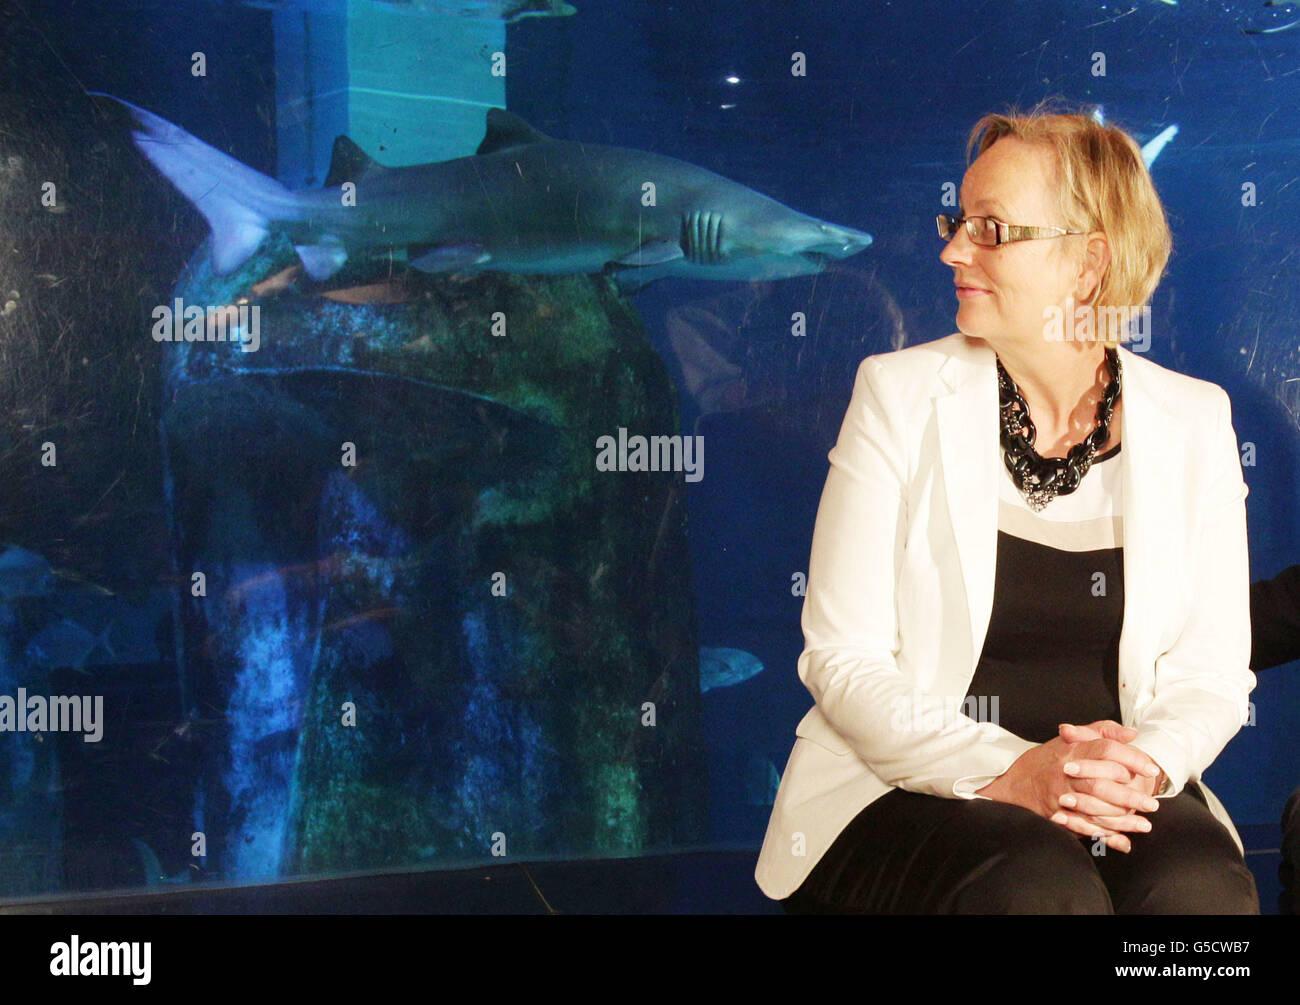 Minister im Wahlkampf Hai schwimmen Stockbild